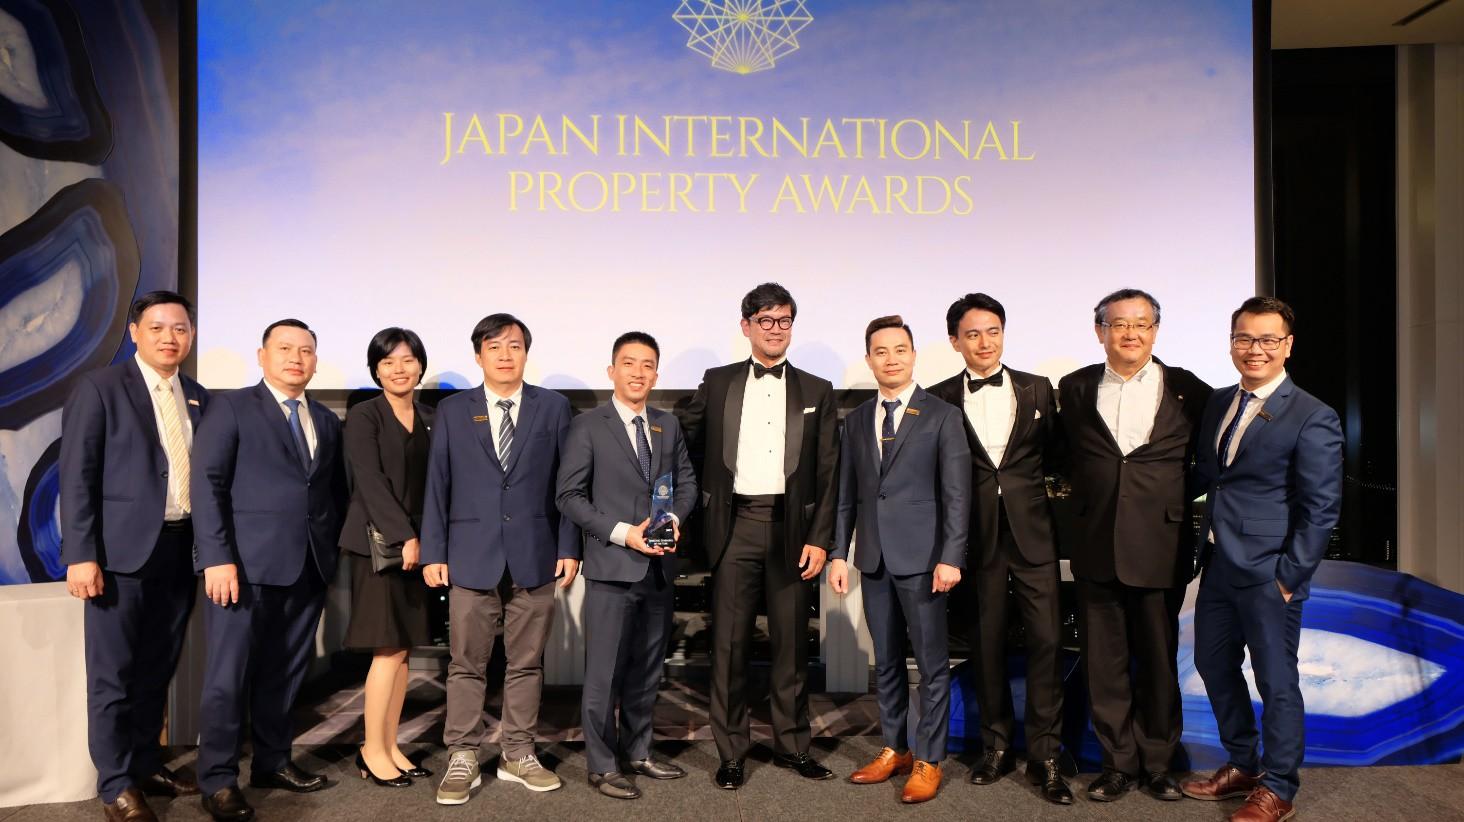 """Netland được vinh danh tại giải thưởng bất động sản """"Japan International Property Awards 2019"""" - Ảnh 1."""